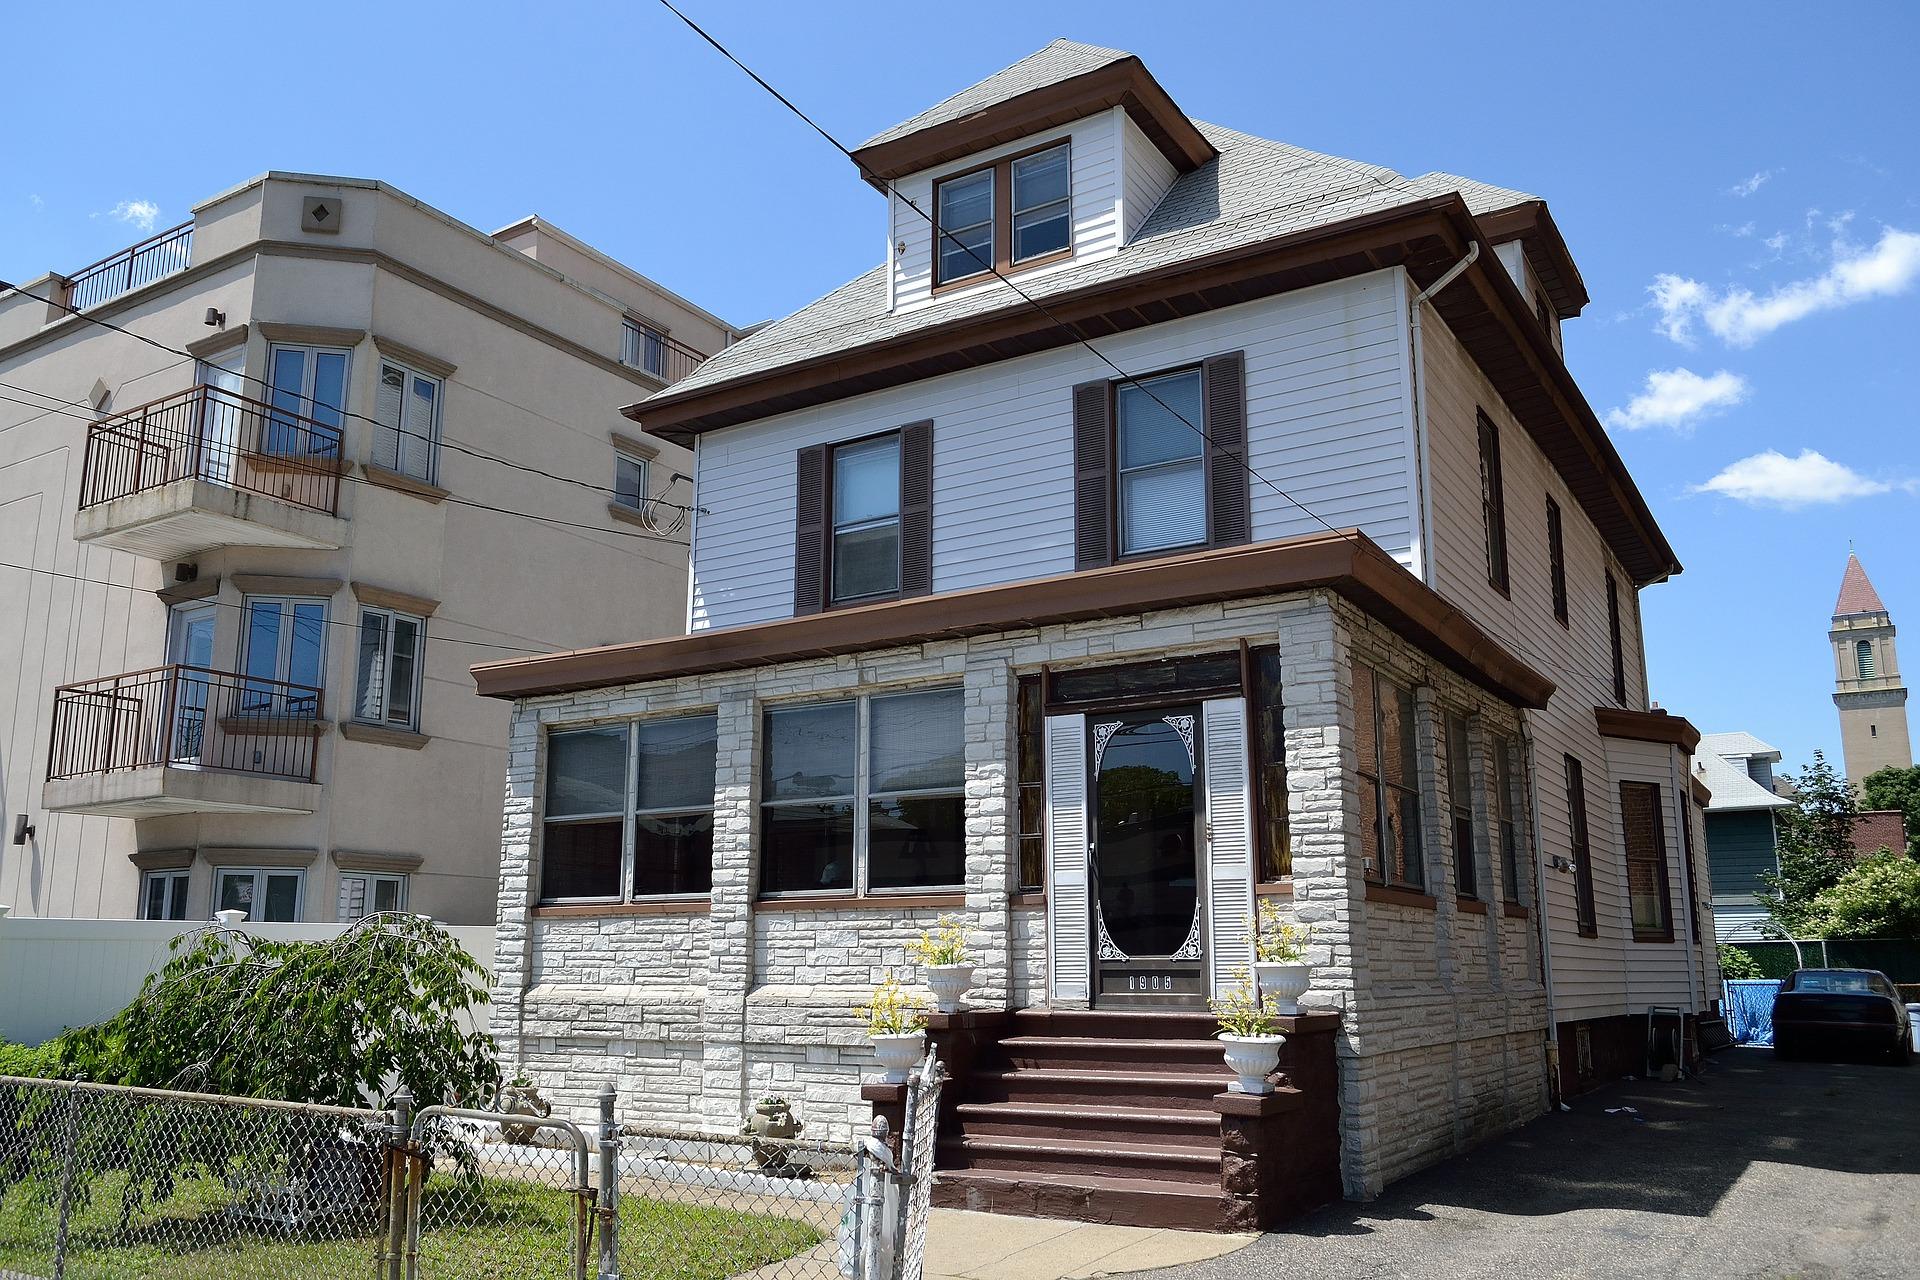 residential-2851256_1920